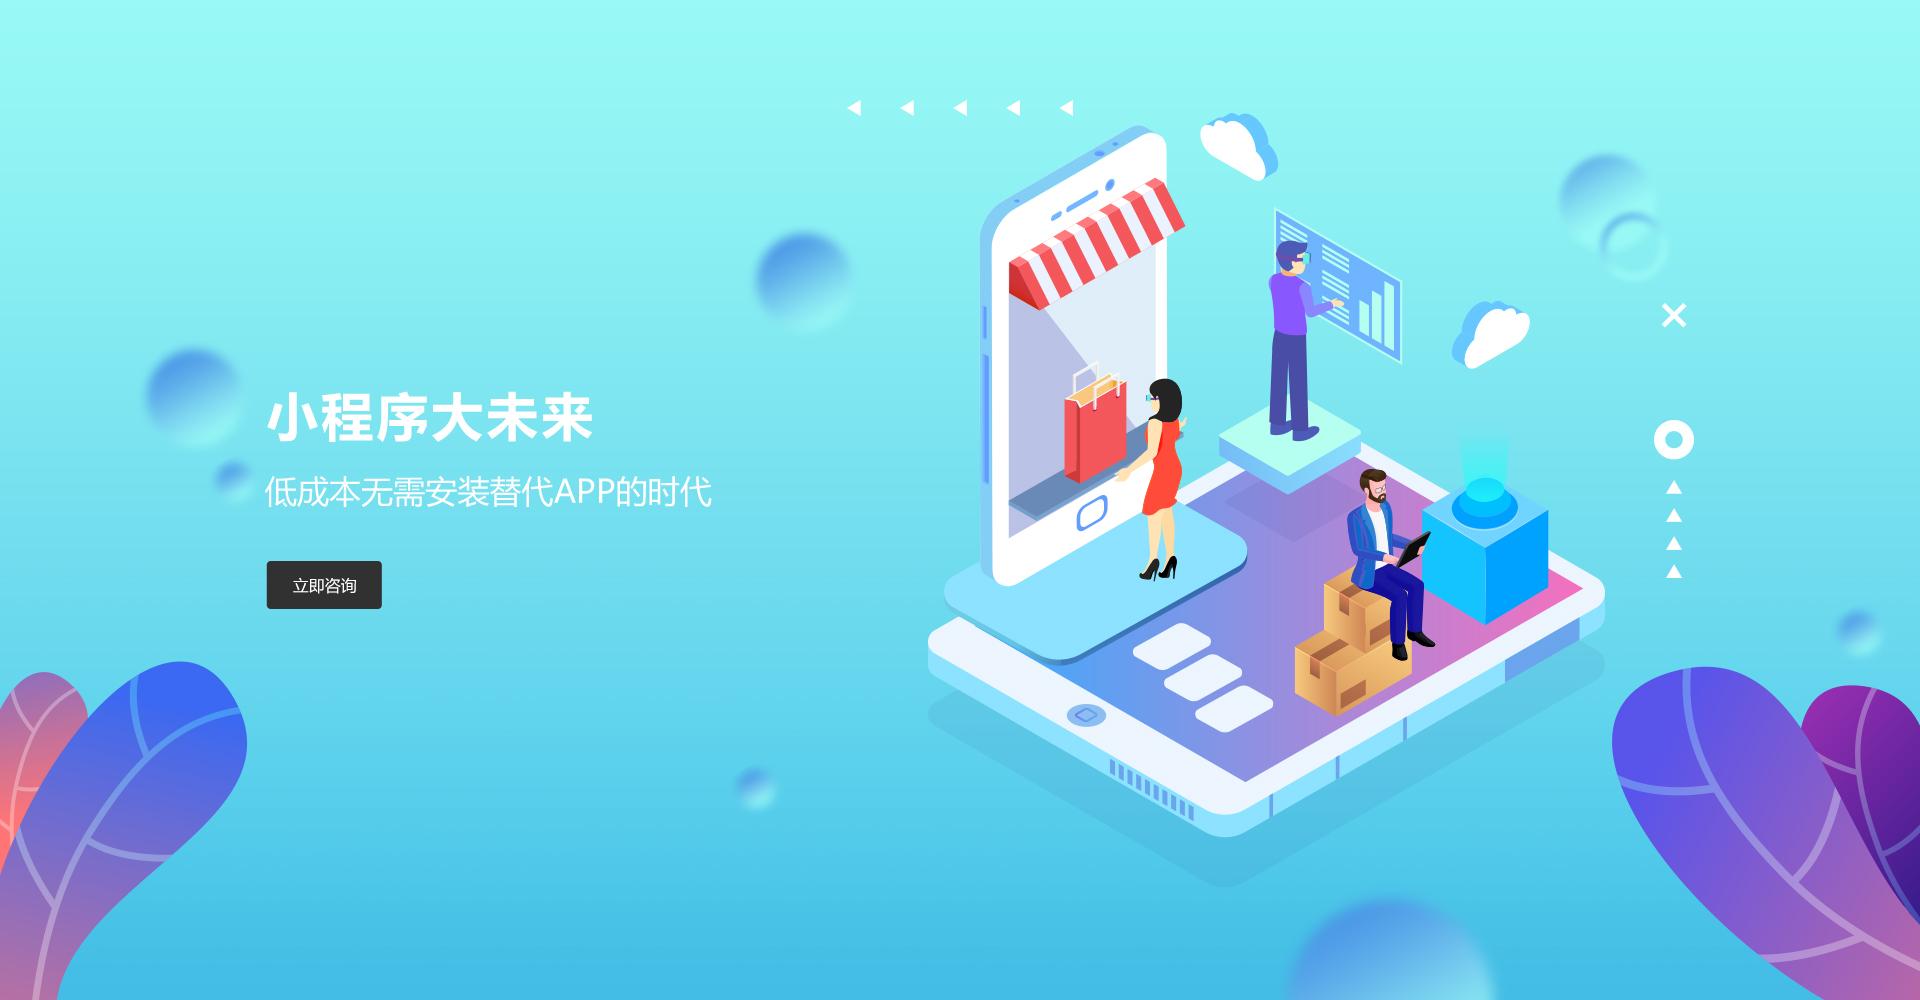 【直播app定制开发】短视频购物直播商城分销裂变新零售